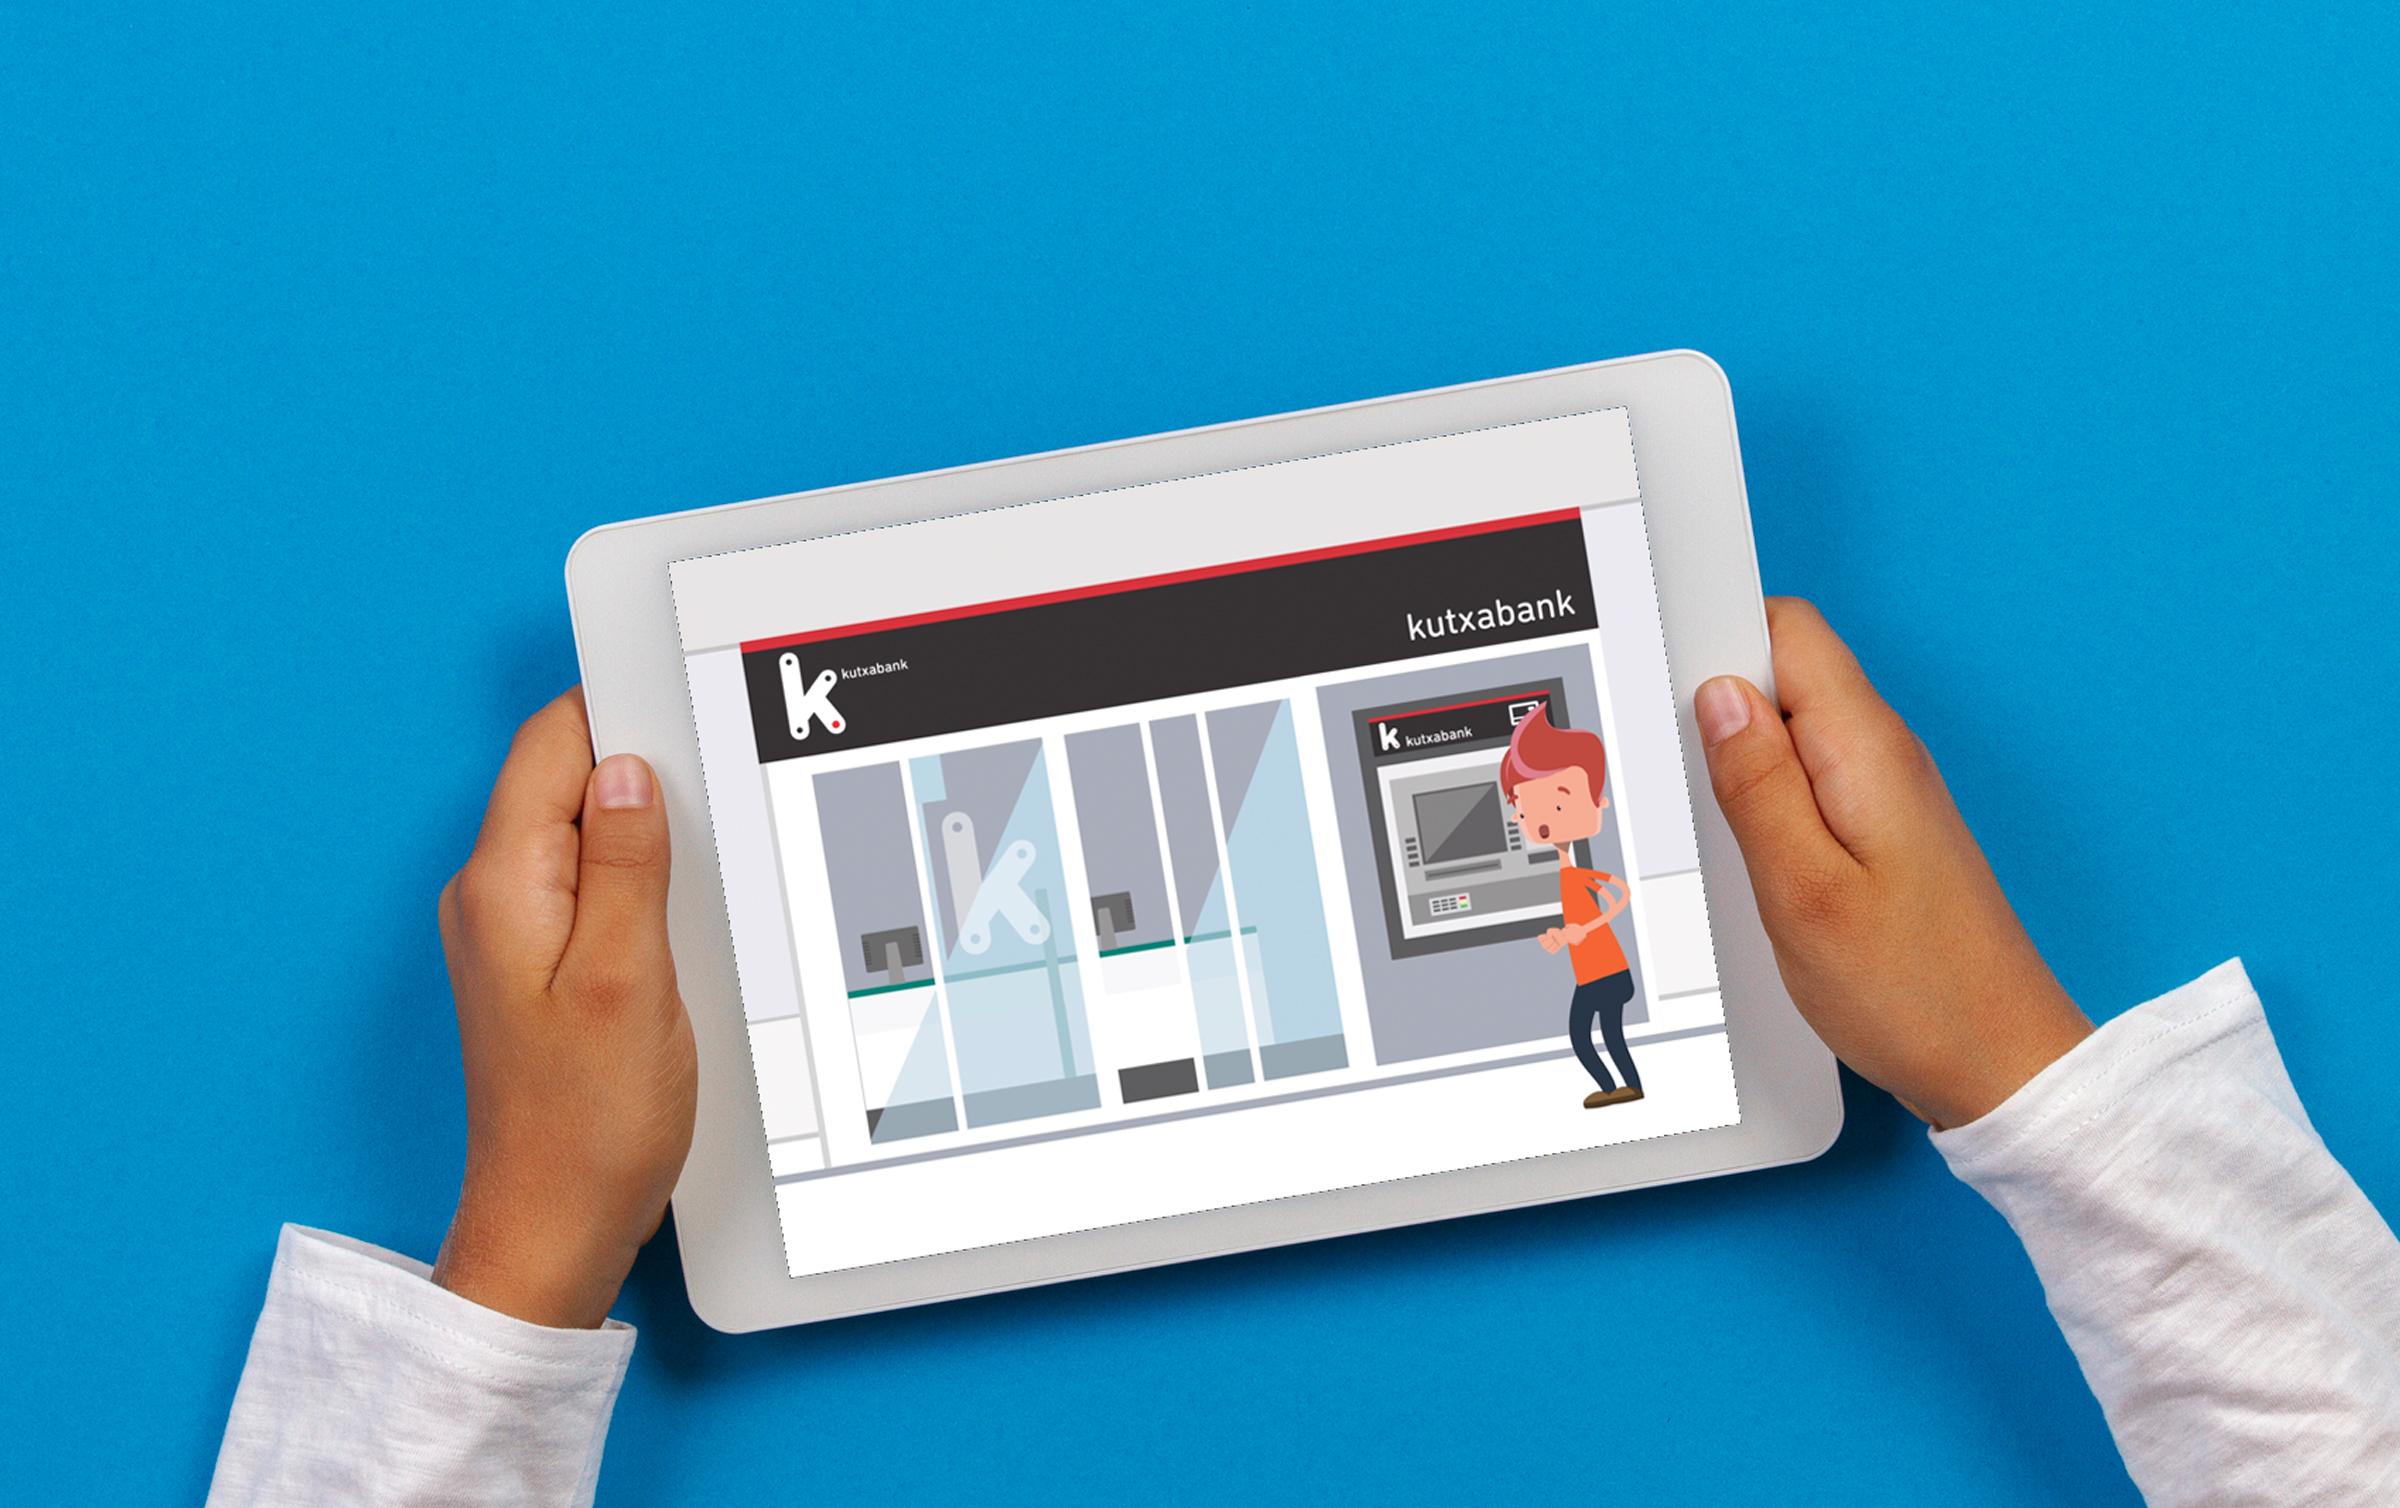 Kutxabank – Vídeo didáctico para el programa escolar de educación financiera